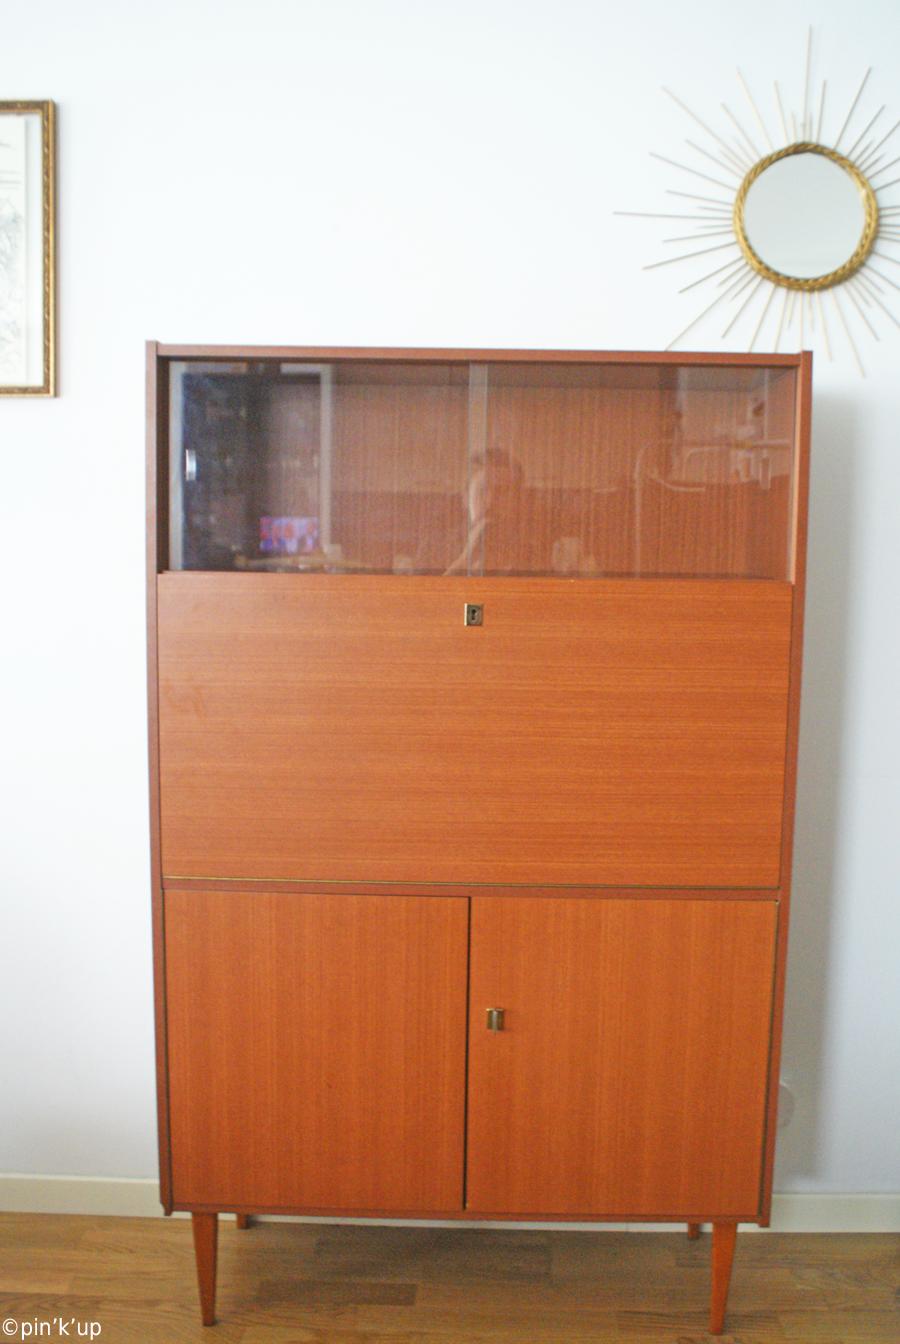 pin 39 k 39 up d co le nouveau look du secr taire chin. Black Bedroom Furniture Sets. Home Design Ideas